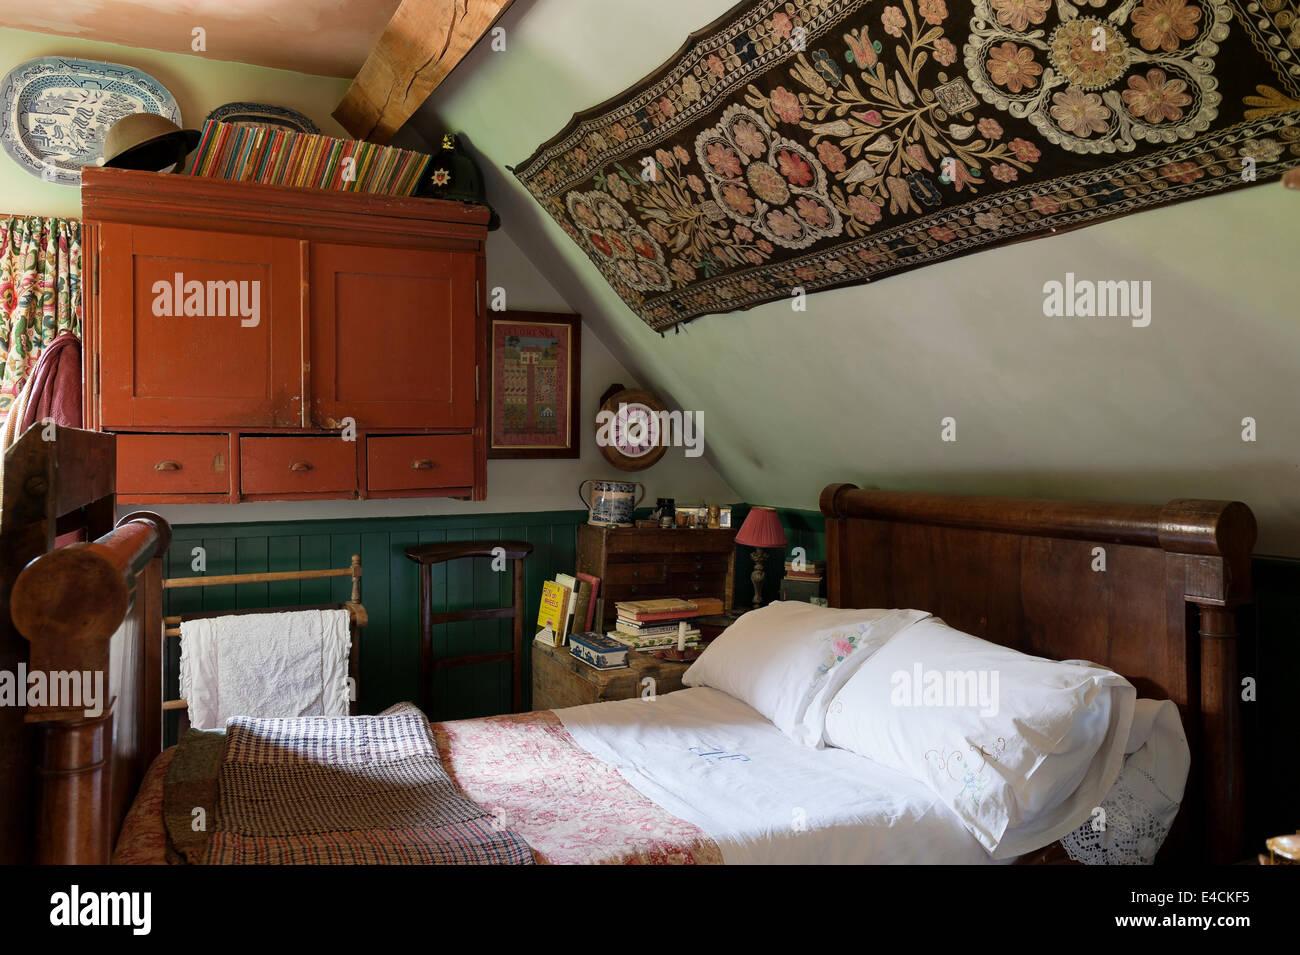 Camera Da Letto Matrimoniale In Francese : Un tessile uzbekistani pende al di sopra di un impero francese letto